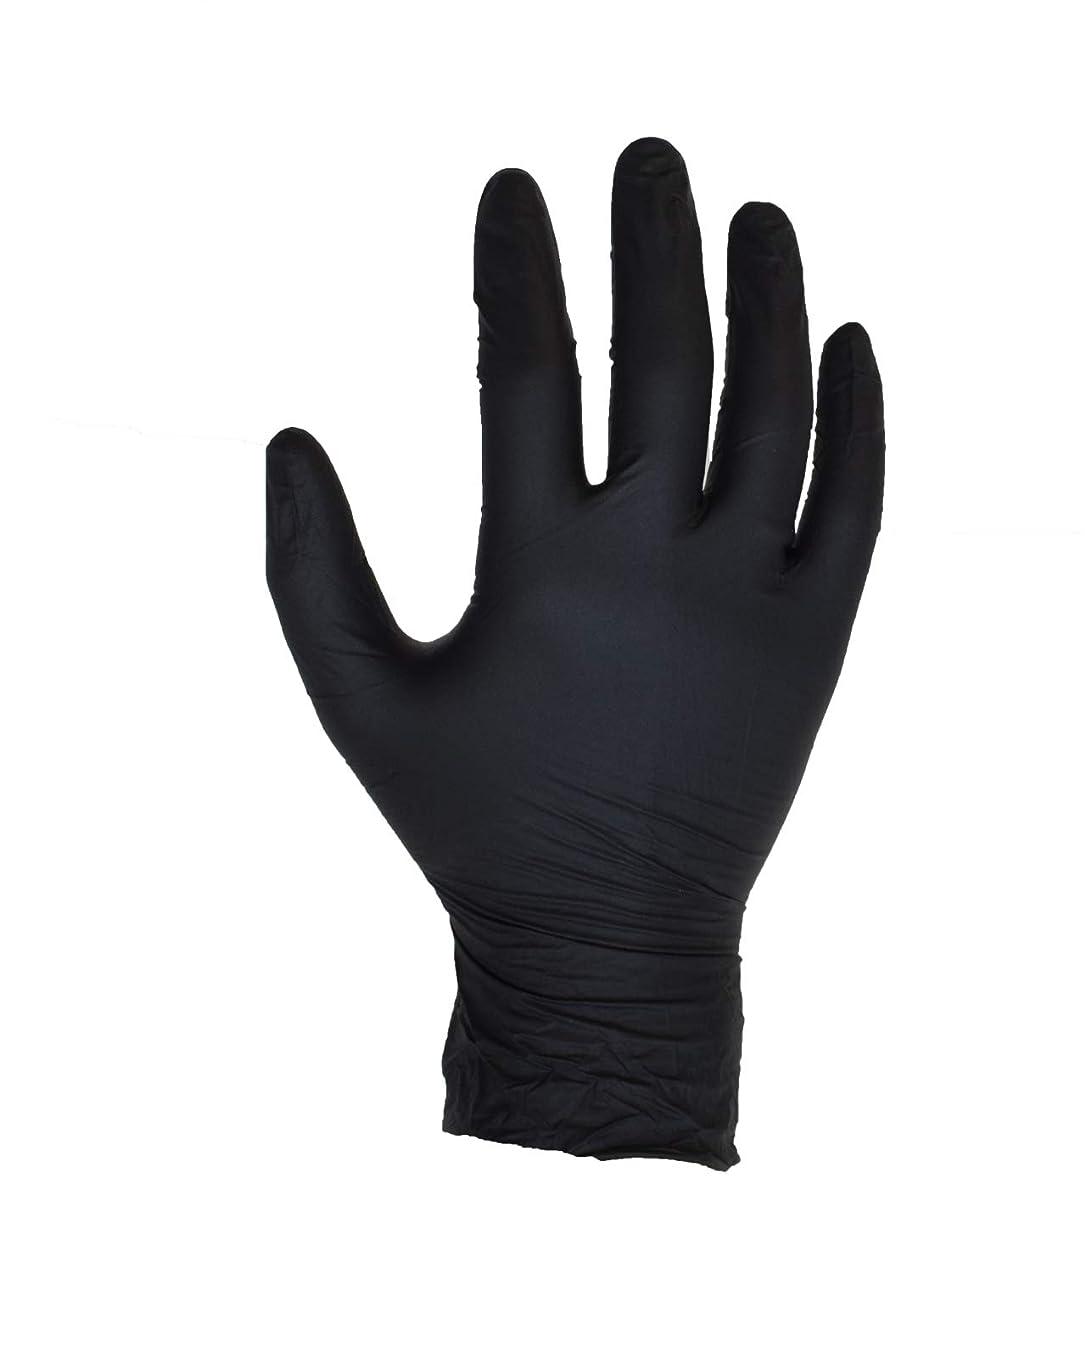 店主監査作ります100個入りブラックニトリル手袋 - サイズL - ASPRO - パウダーフリー - 使い捨て - ラテックスフリー - AQL 1.5(サイズL - 大、黒)